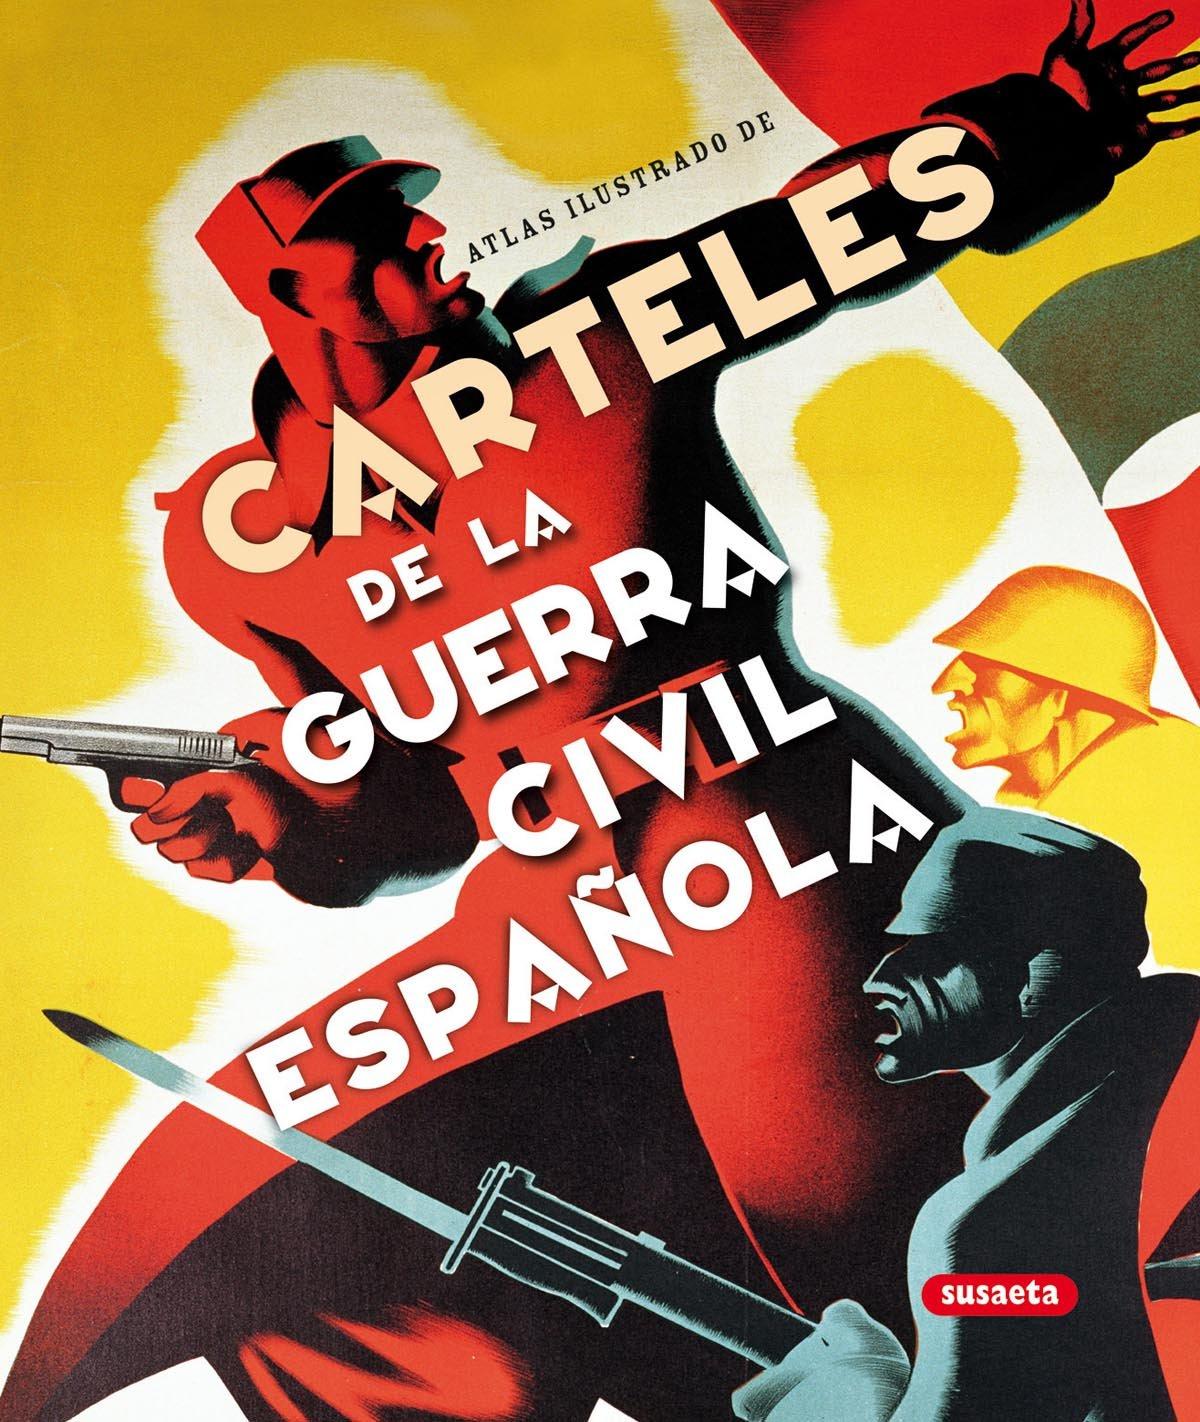 Carteles de la Guerra Civil española: Jesús De Andrés Sanz ...